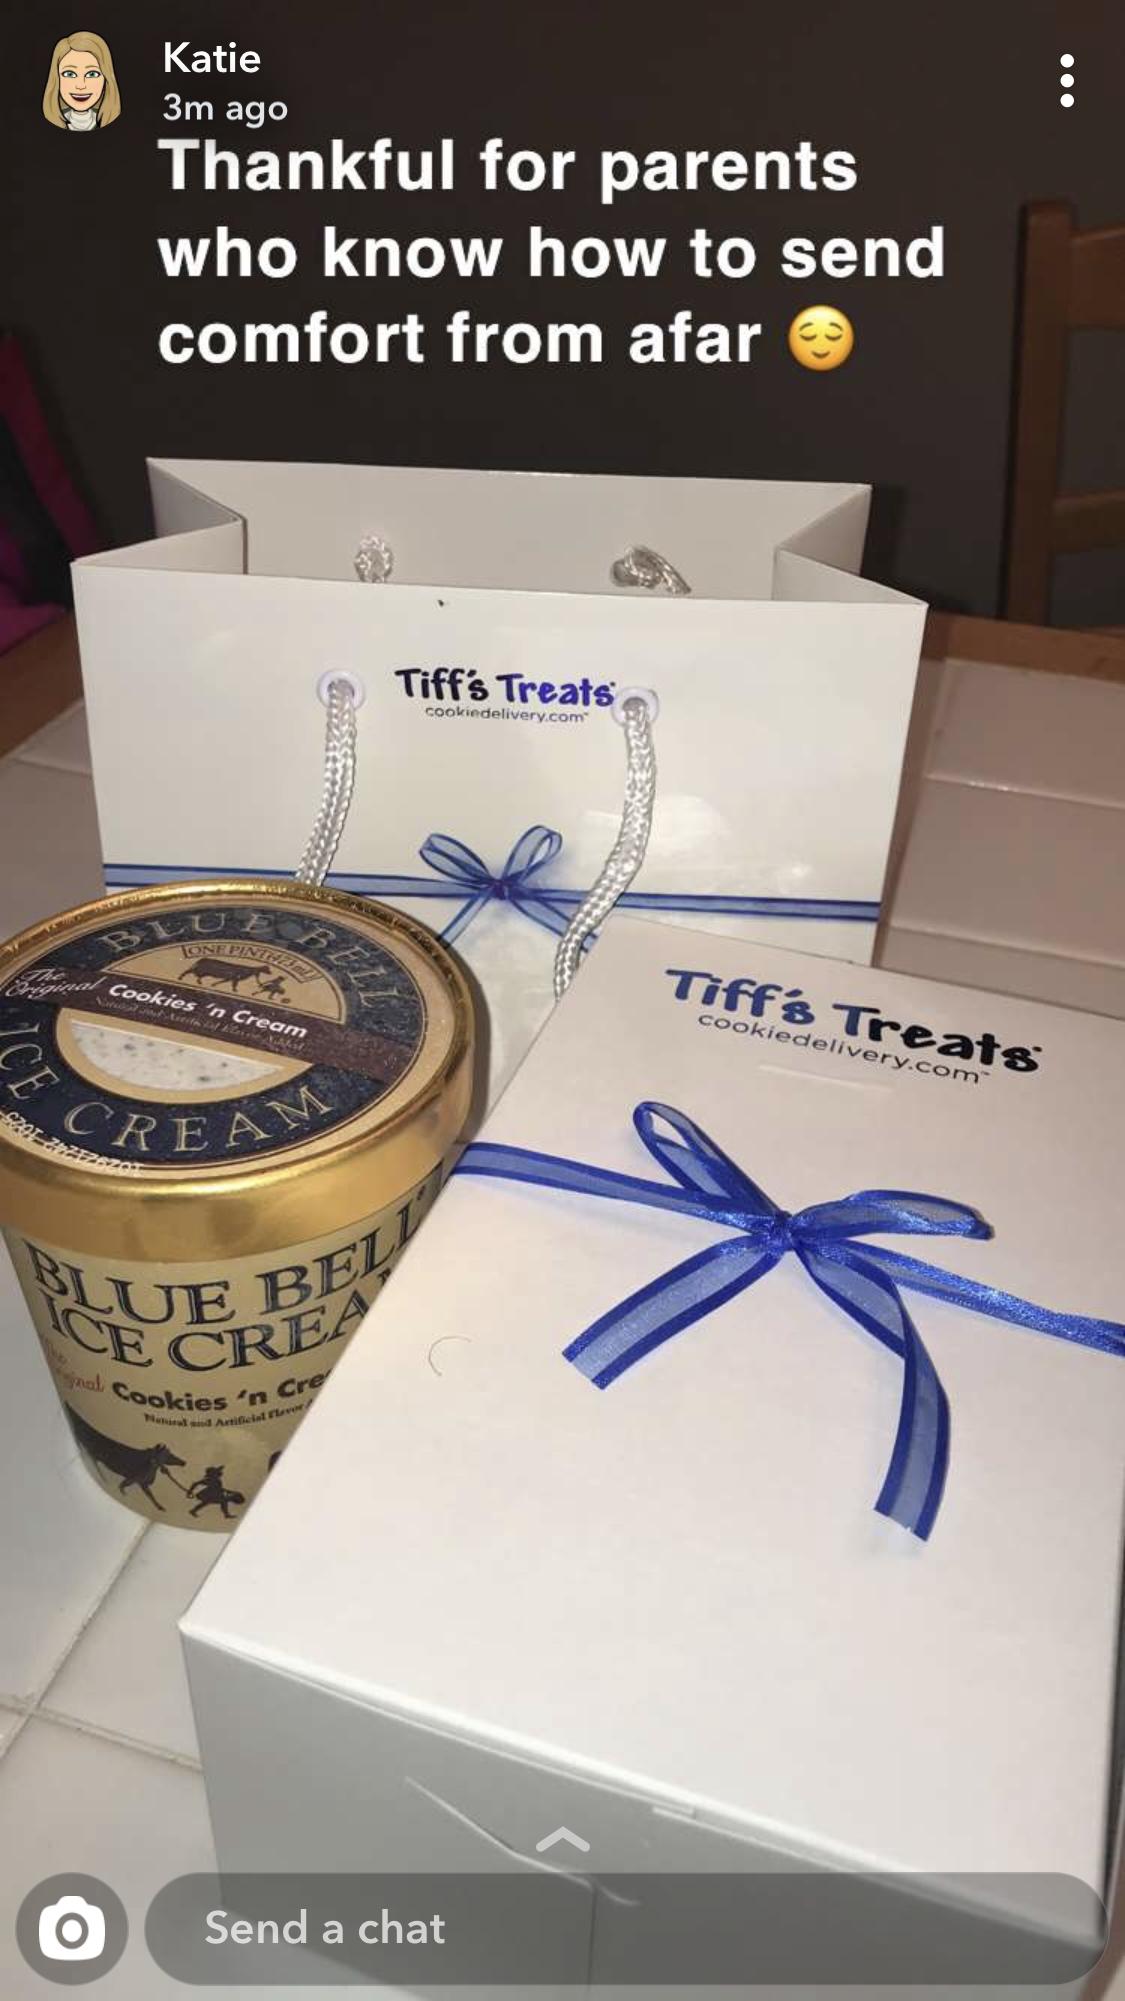 Tiff's Treats, Coast to Coast